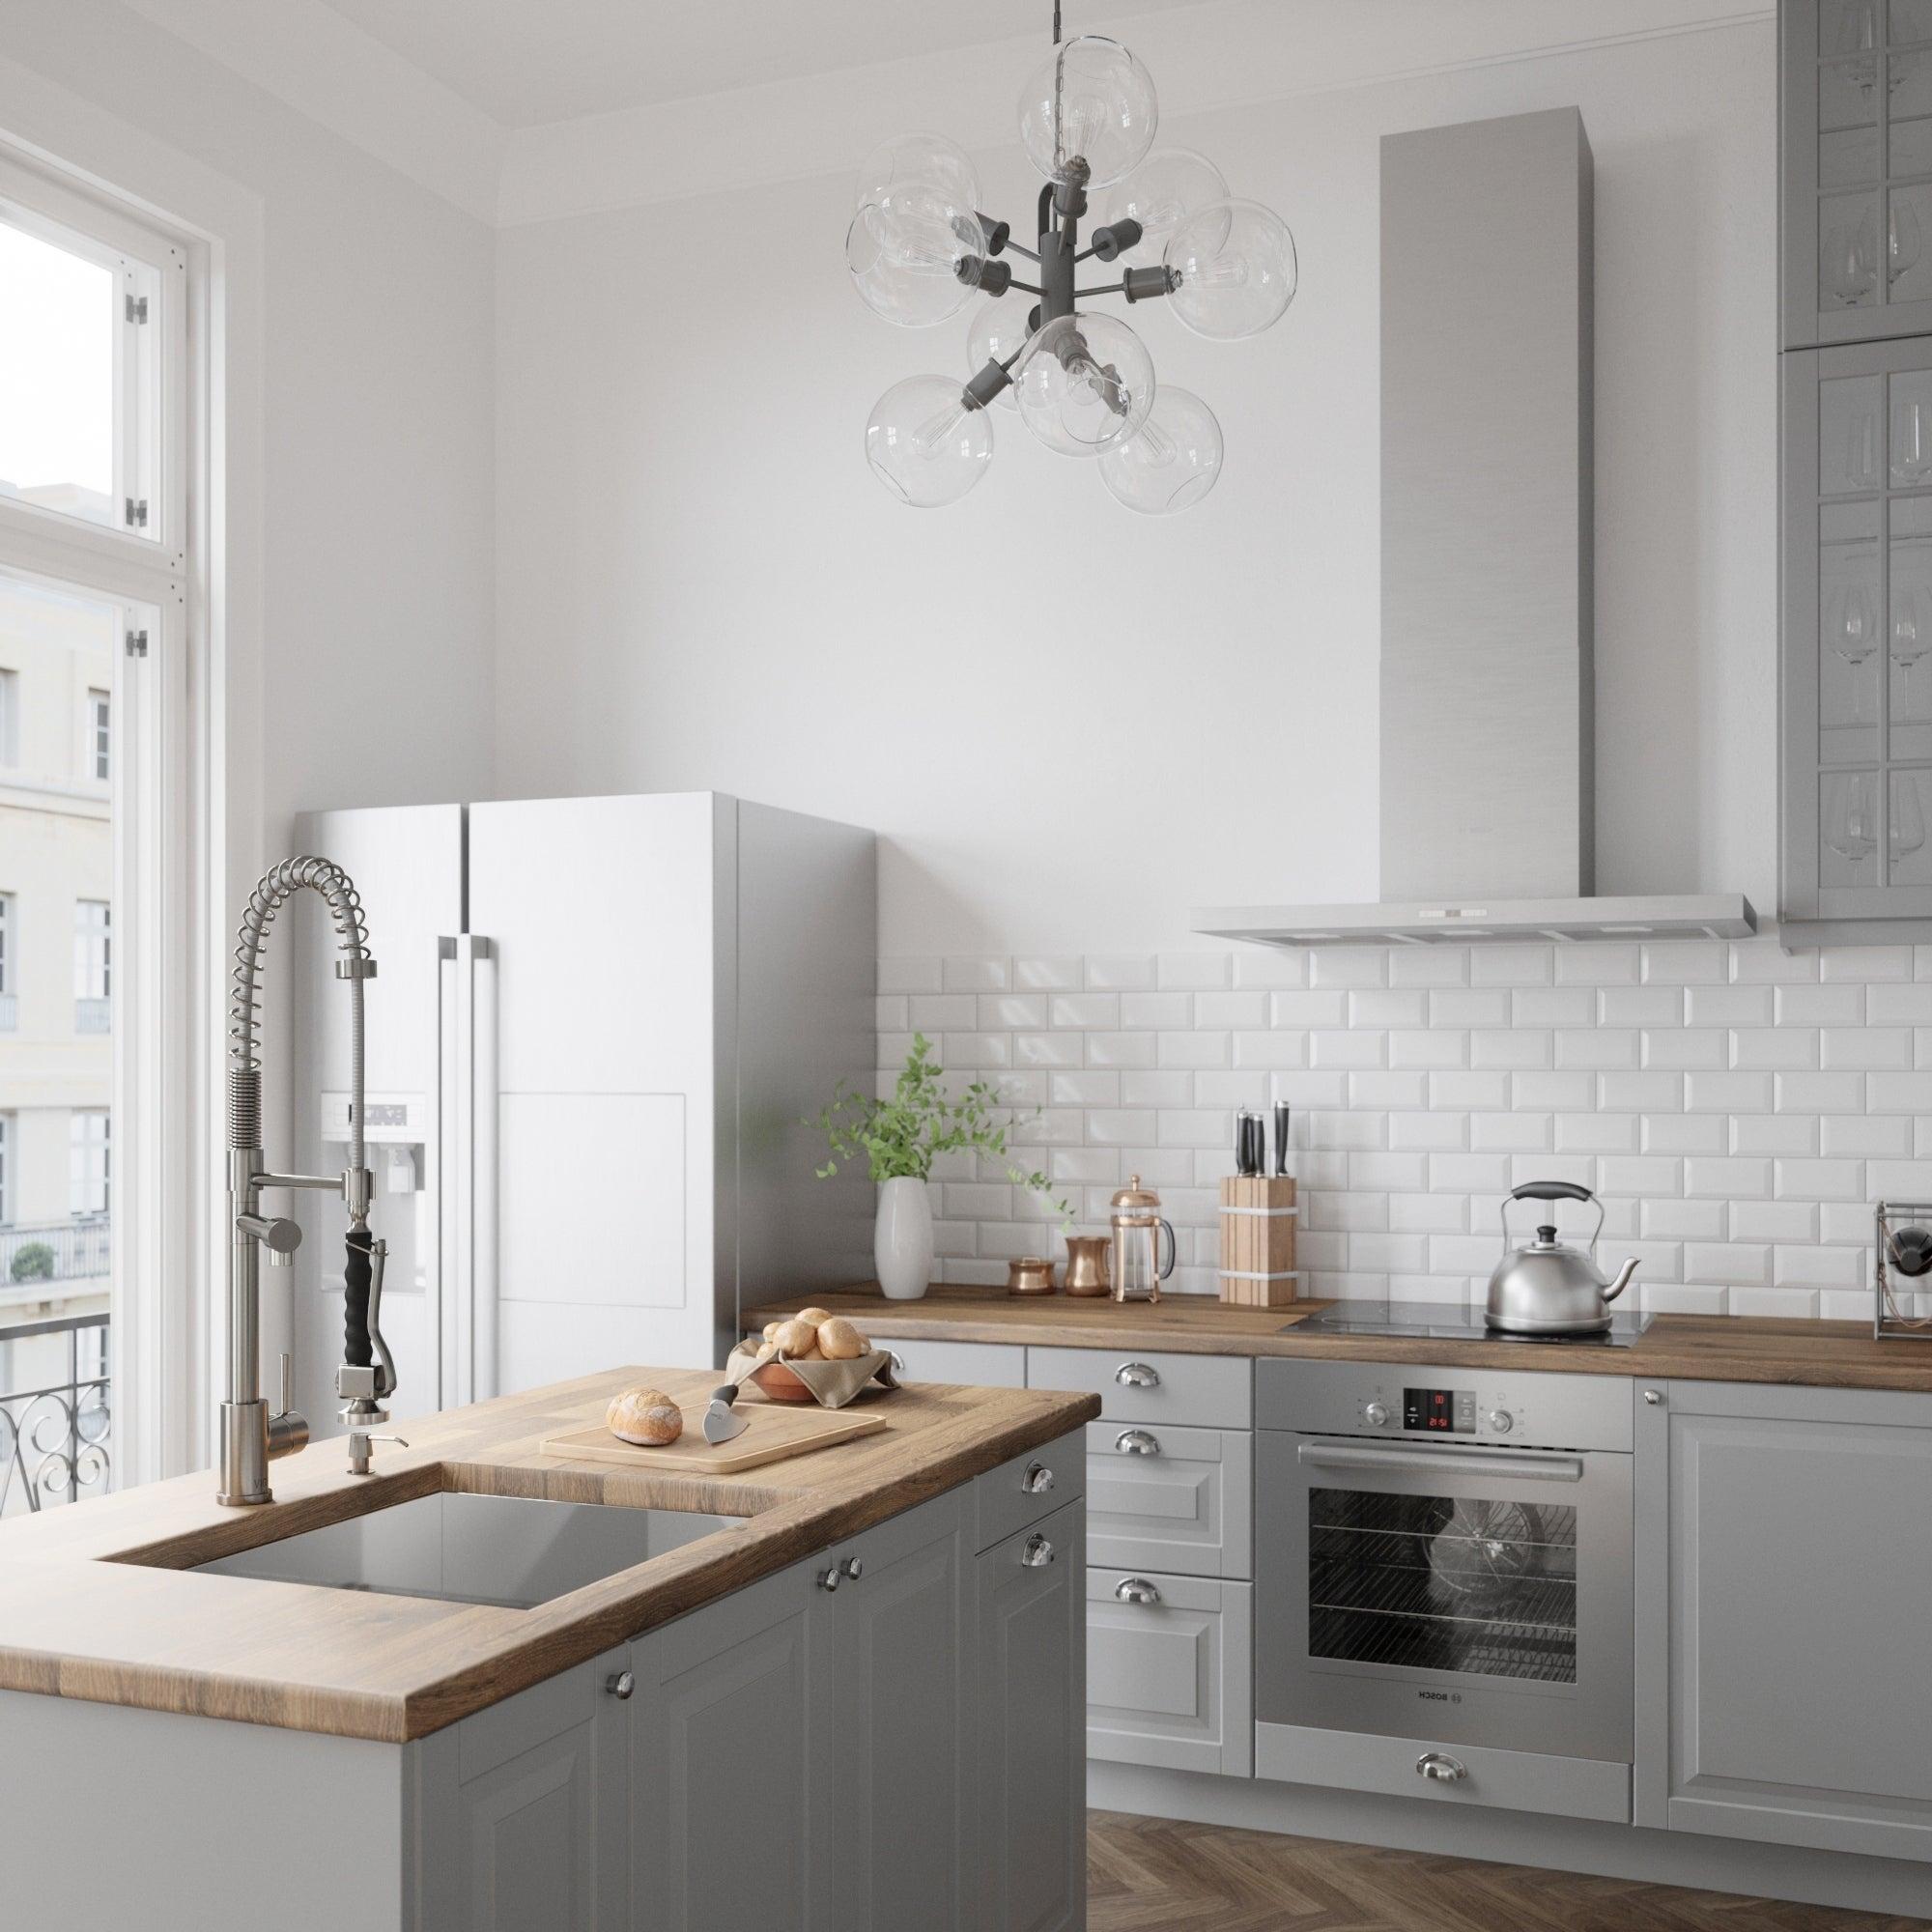 VIGO Zurich Stainless Steel Single Handle Pull-Down Spray Kitchen ...